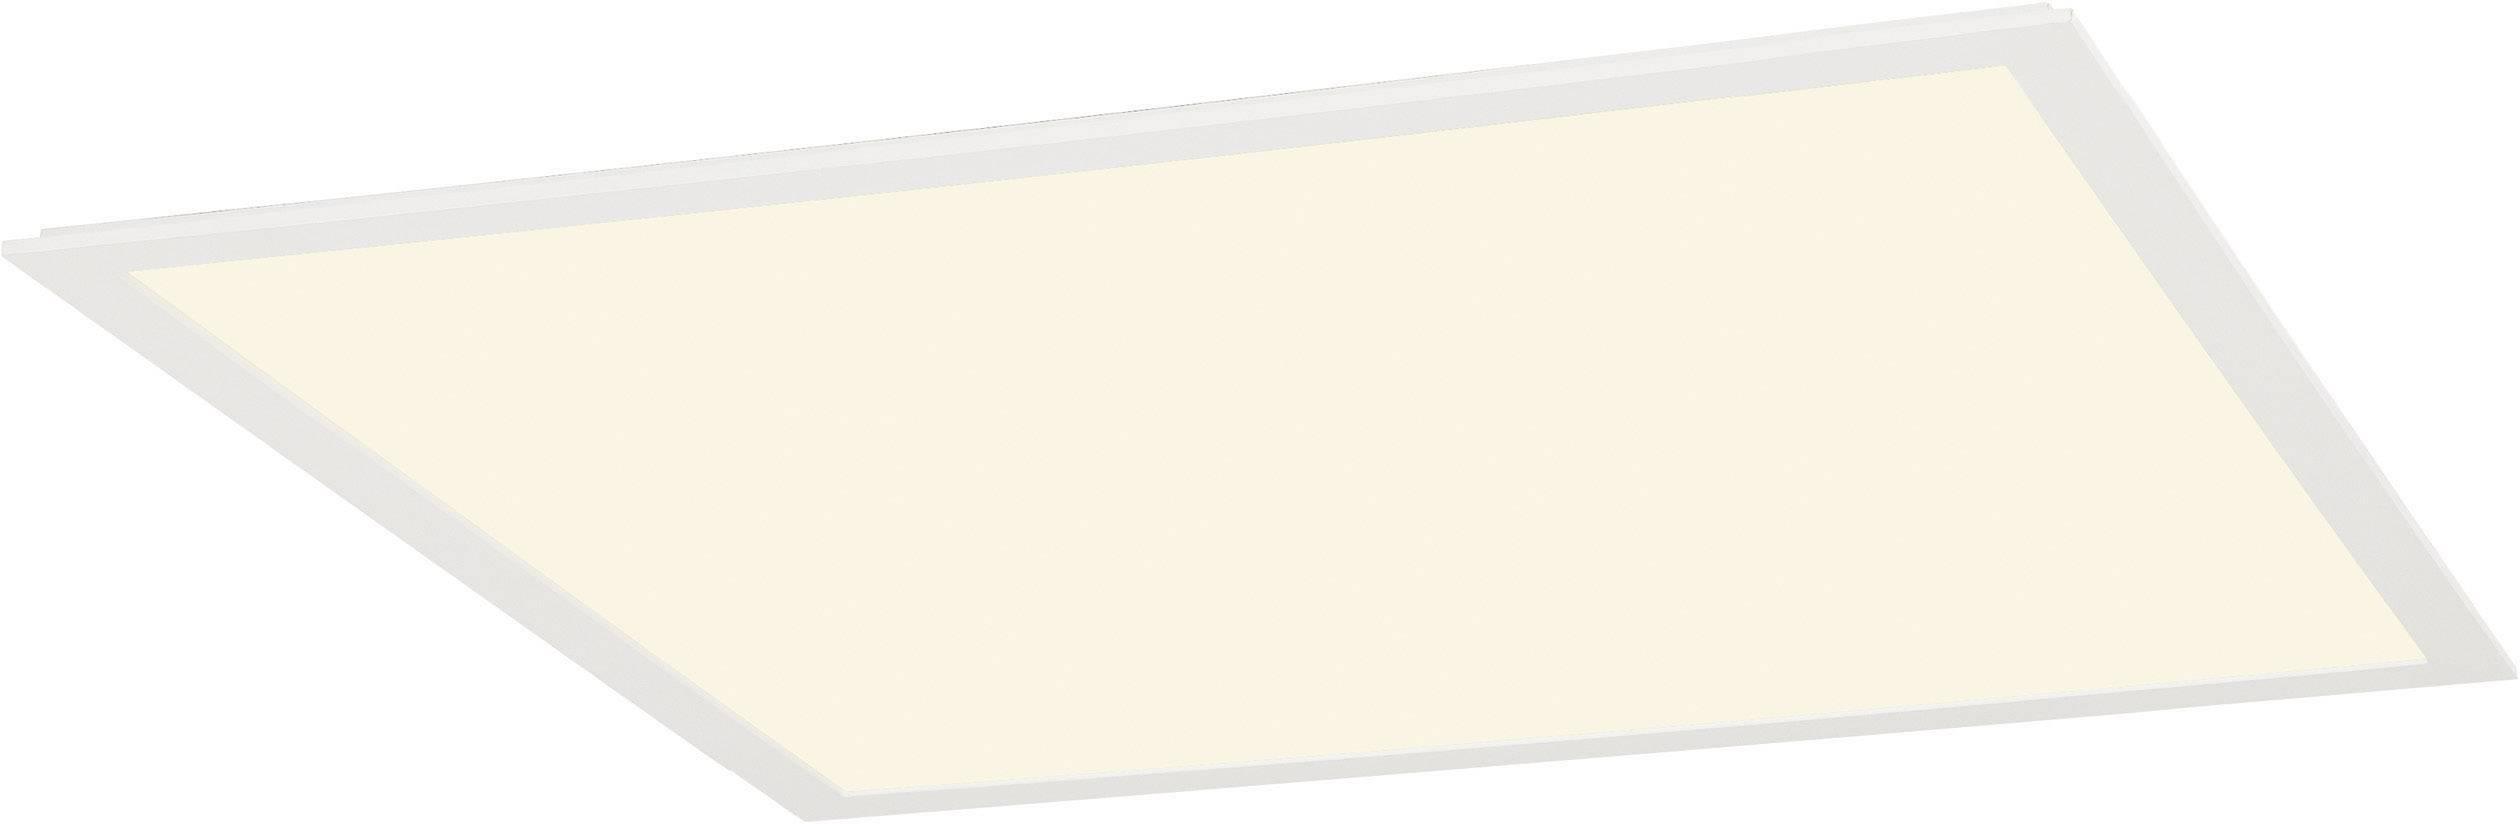 LED panel SLV 158613, 39.5 W, teplá bílá, bílá (matná)